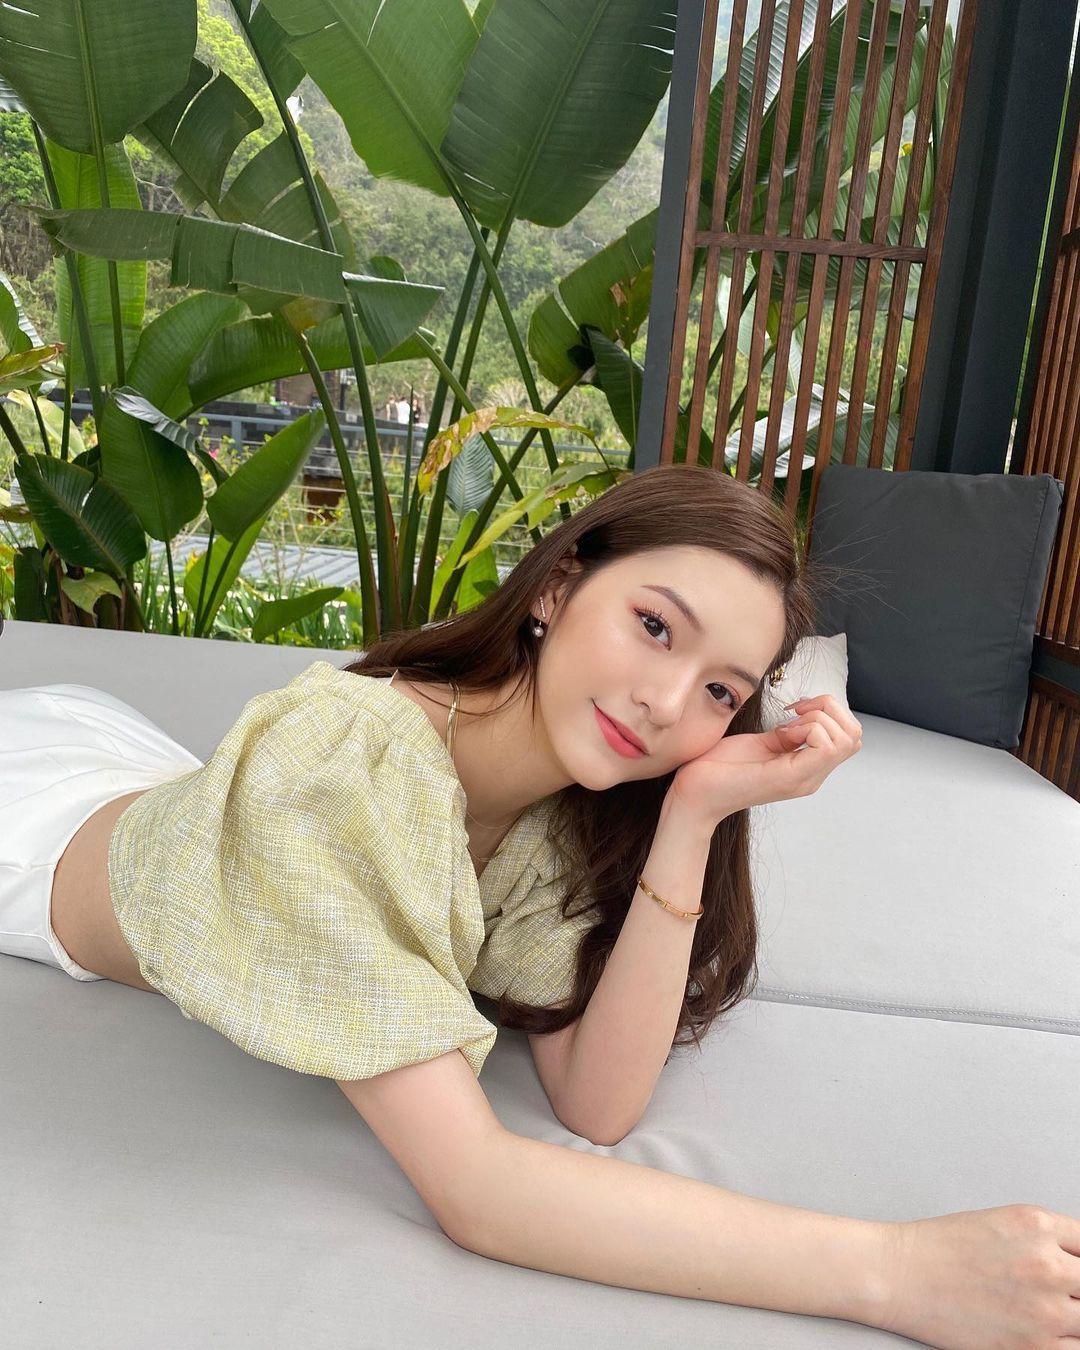 超正白富美Lillian Chen,脸蛋甜美身材火辣,穿搭气质漂亮-新图包